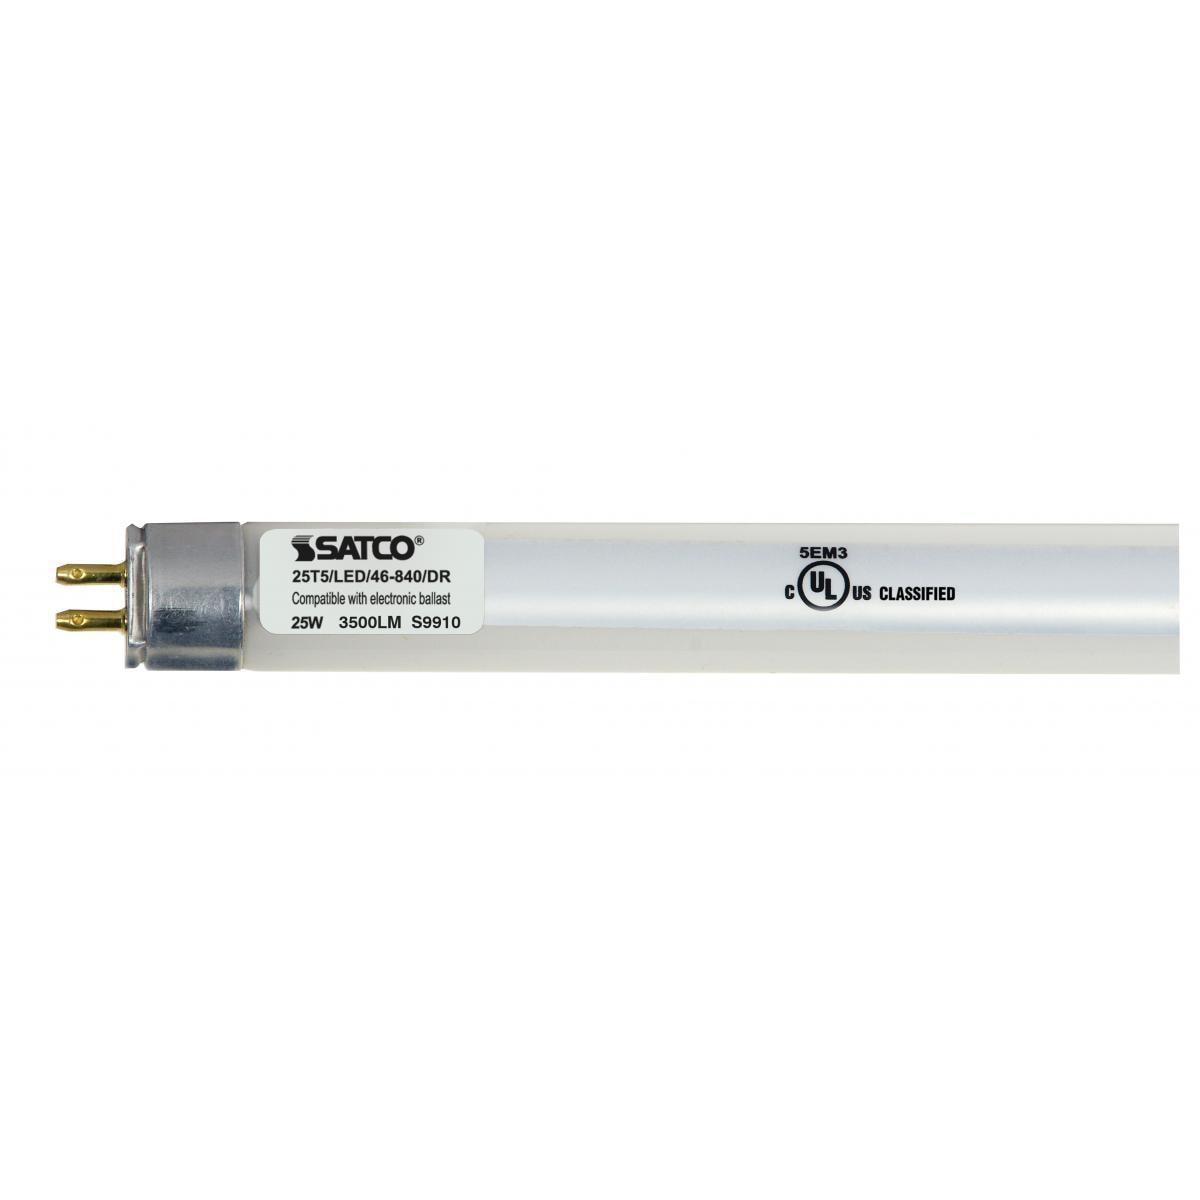 SATCO 25W LED T5 Tube - Miniature Bi-Pin Base - 4000K - 3...